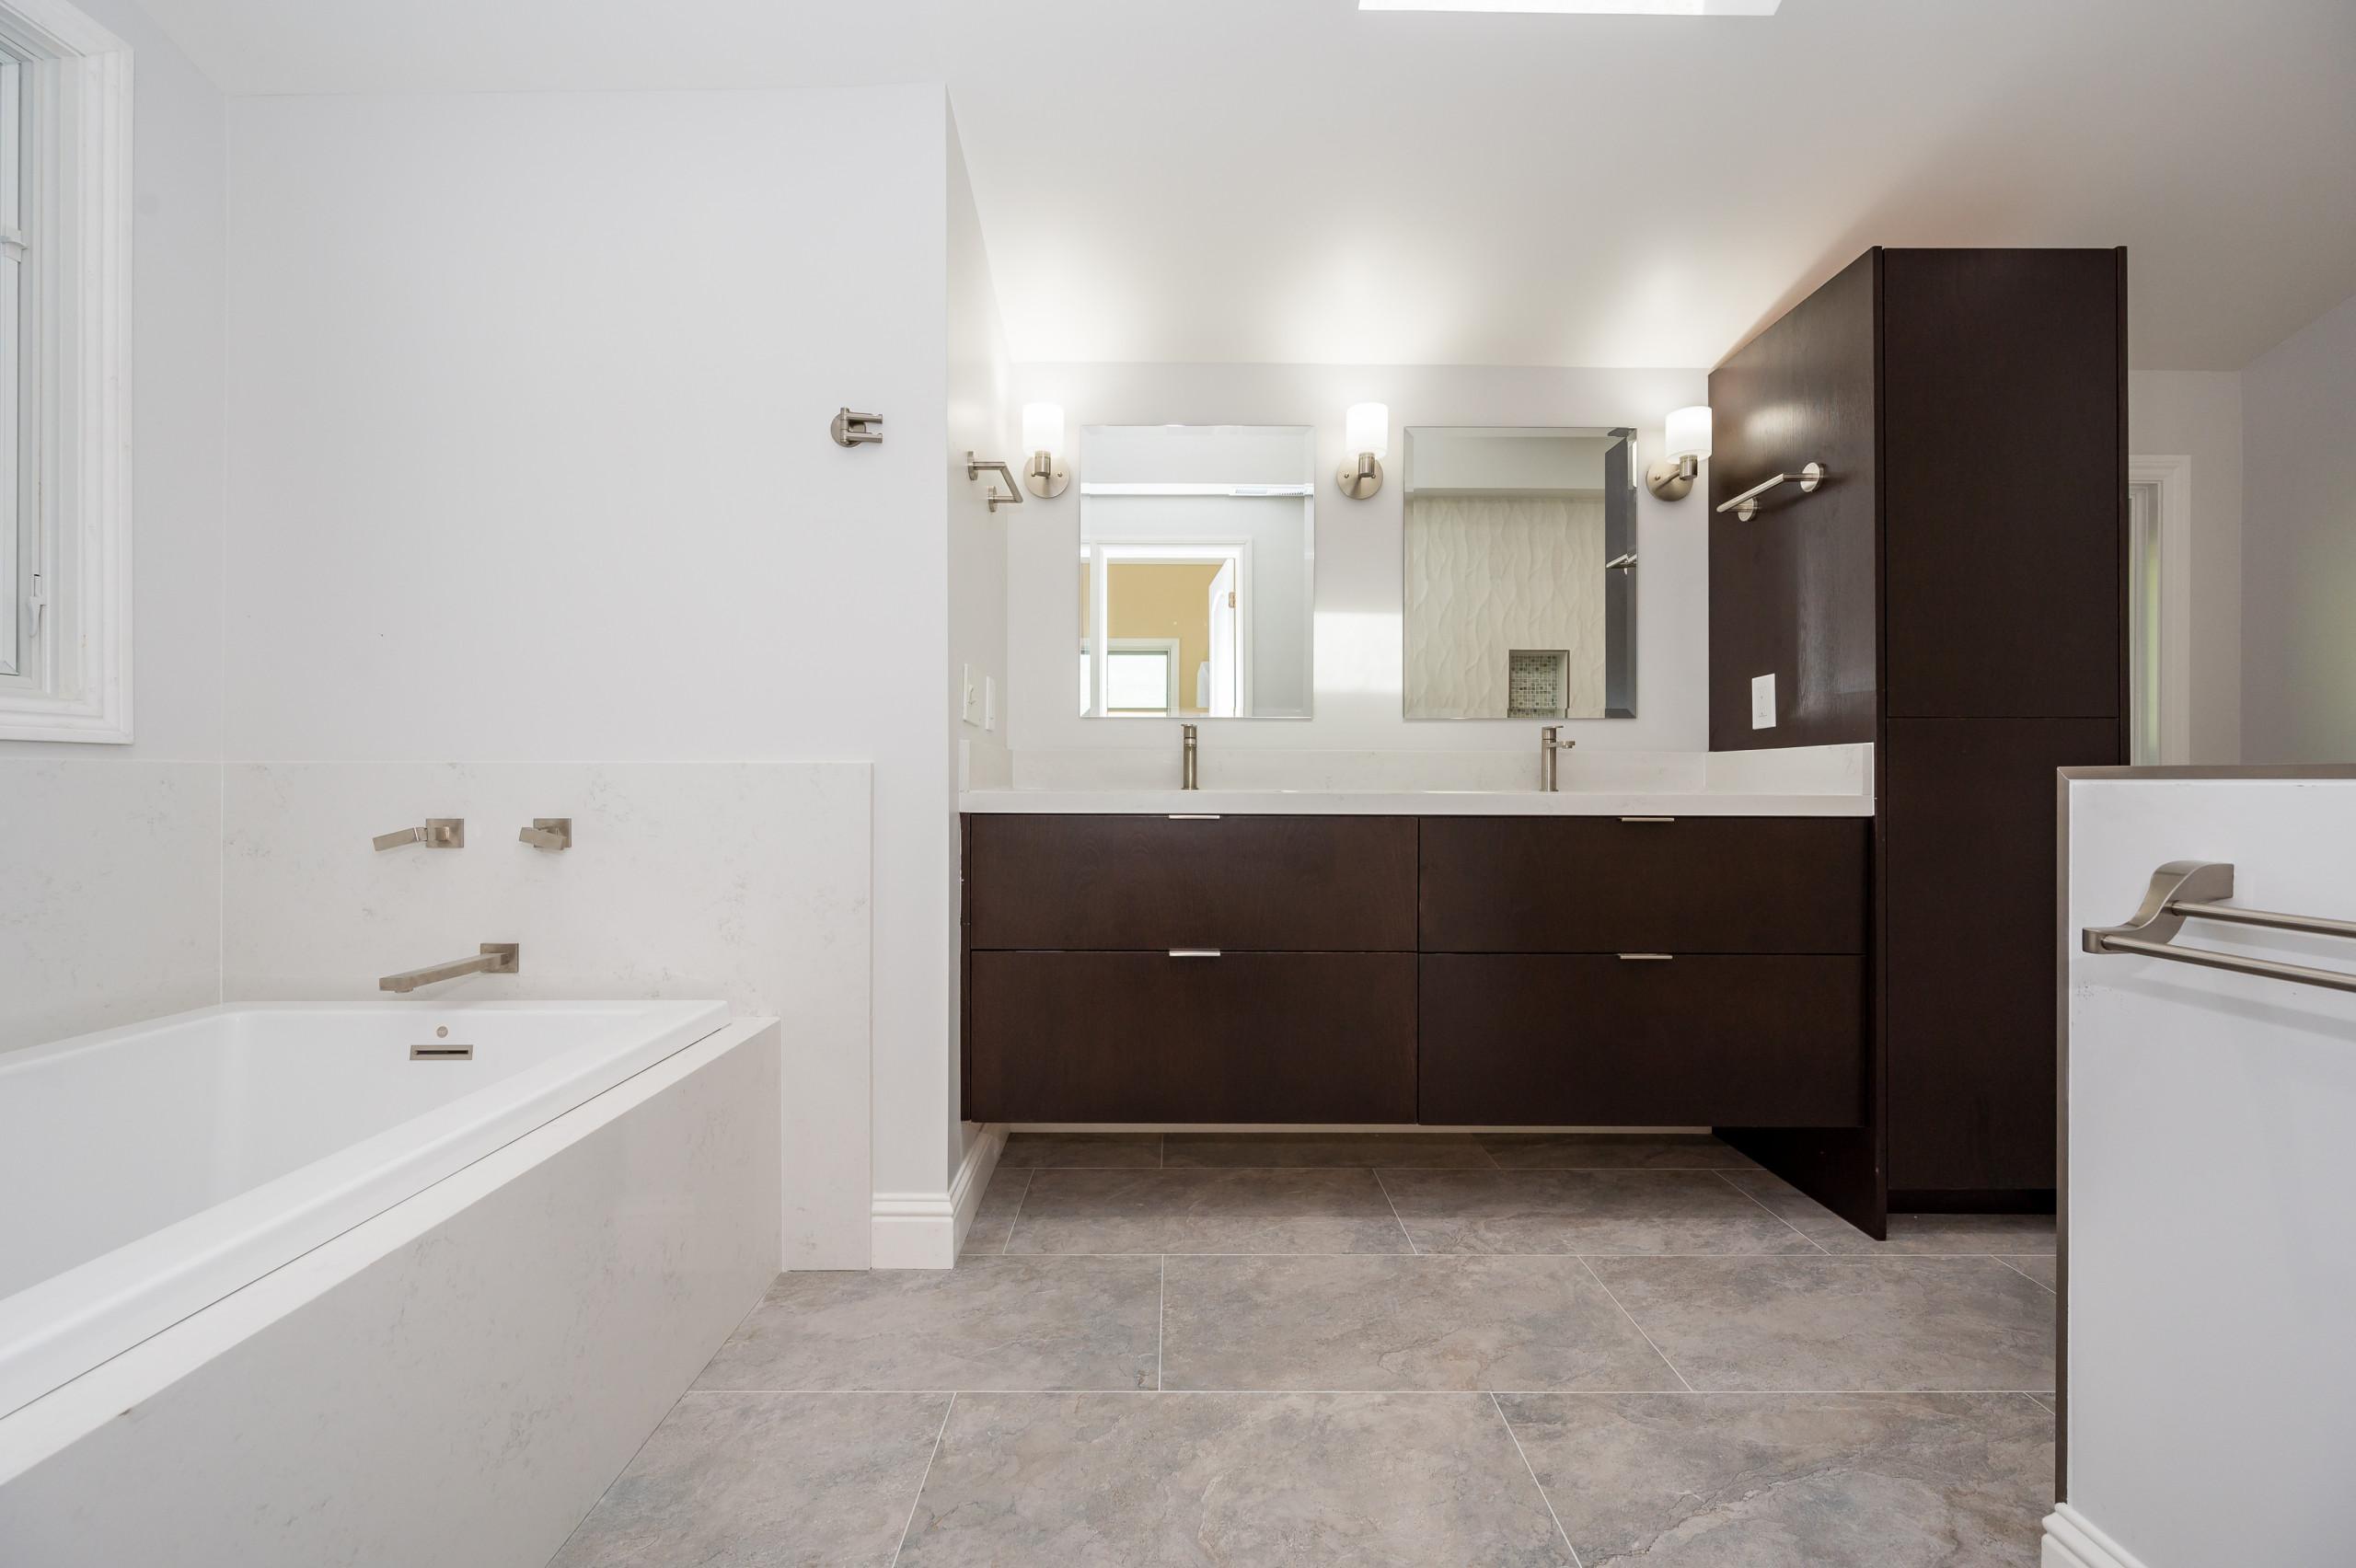 Home Remodel - Palo Alto